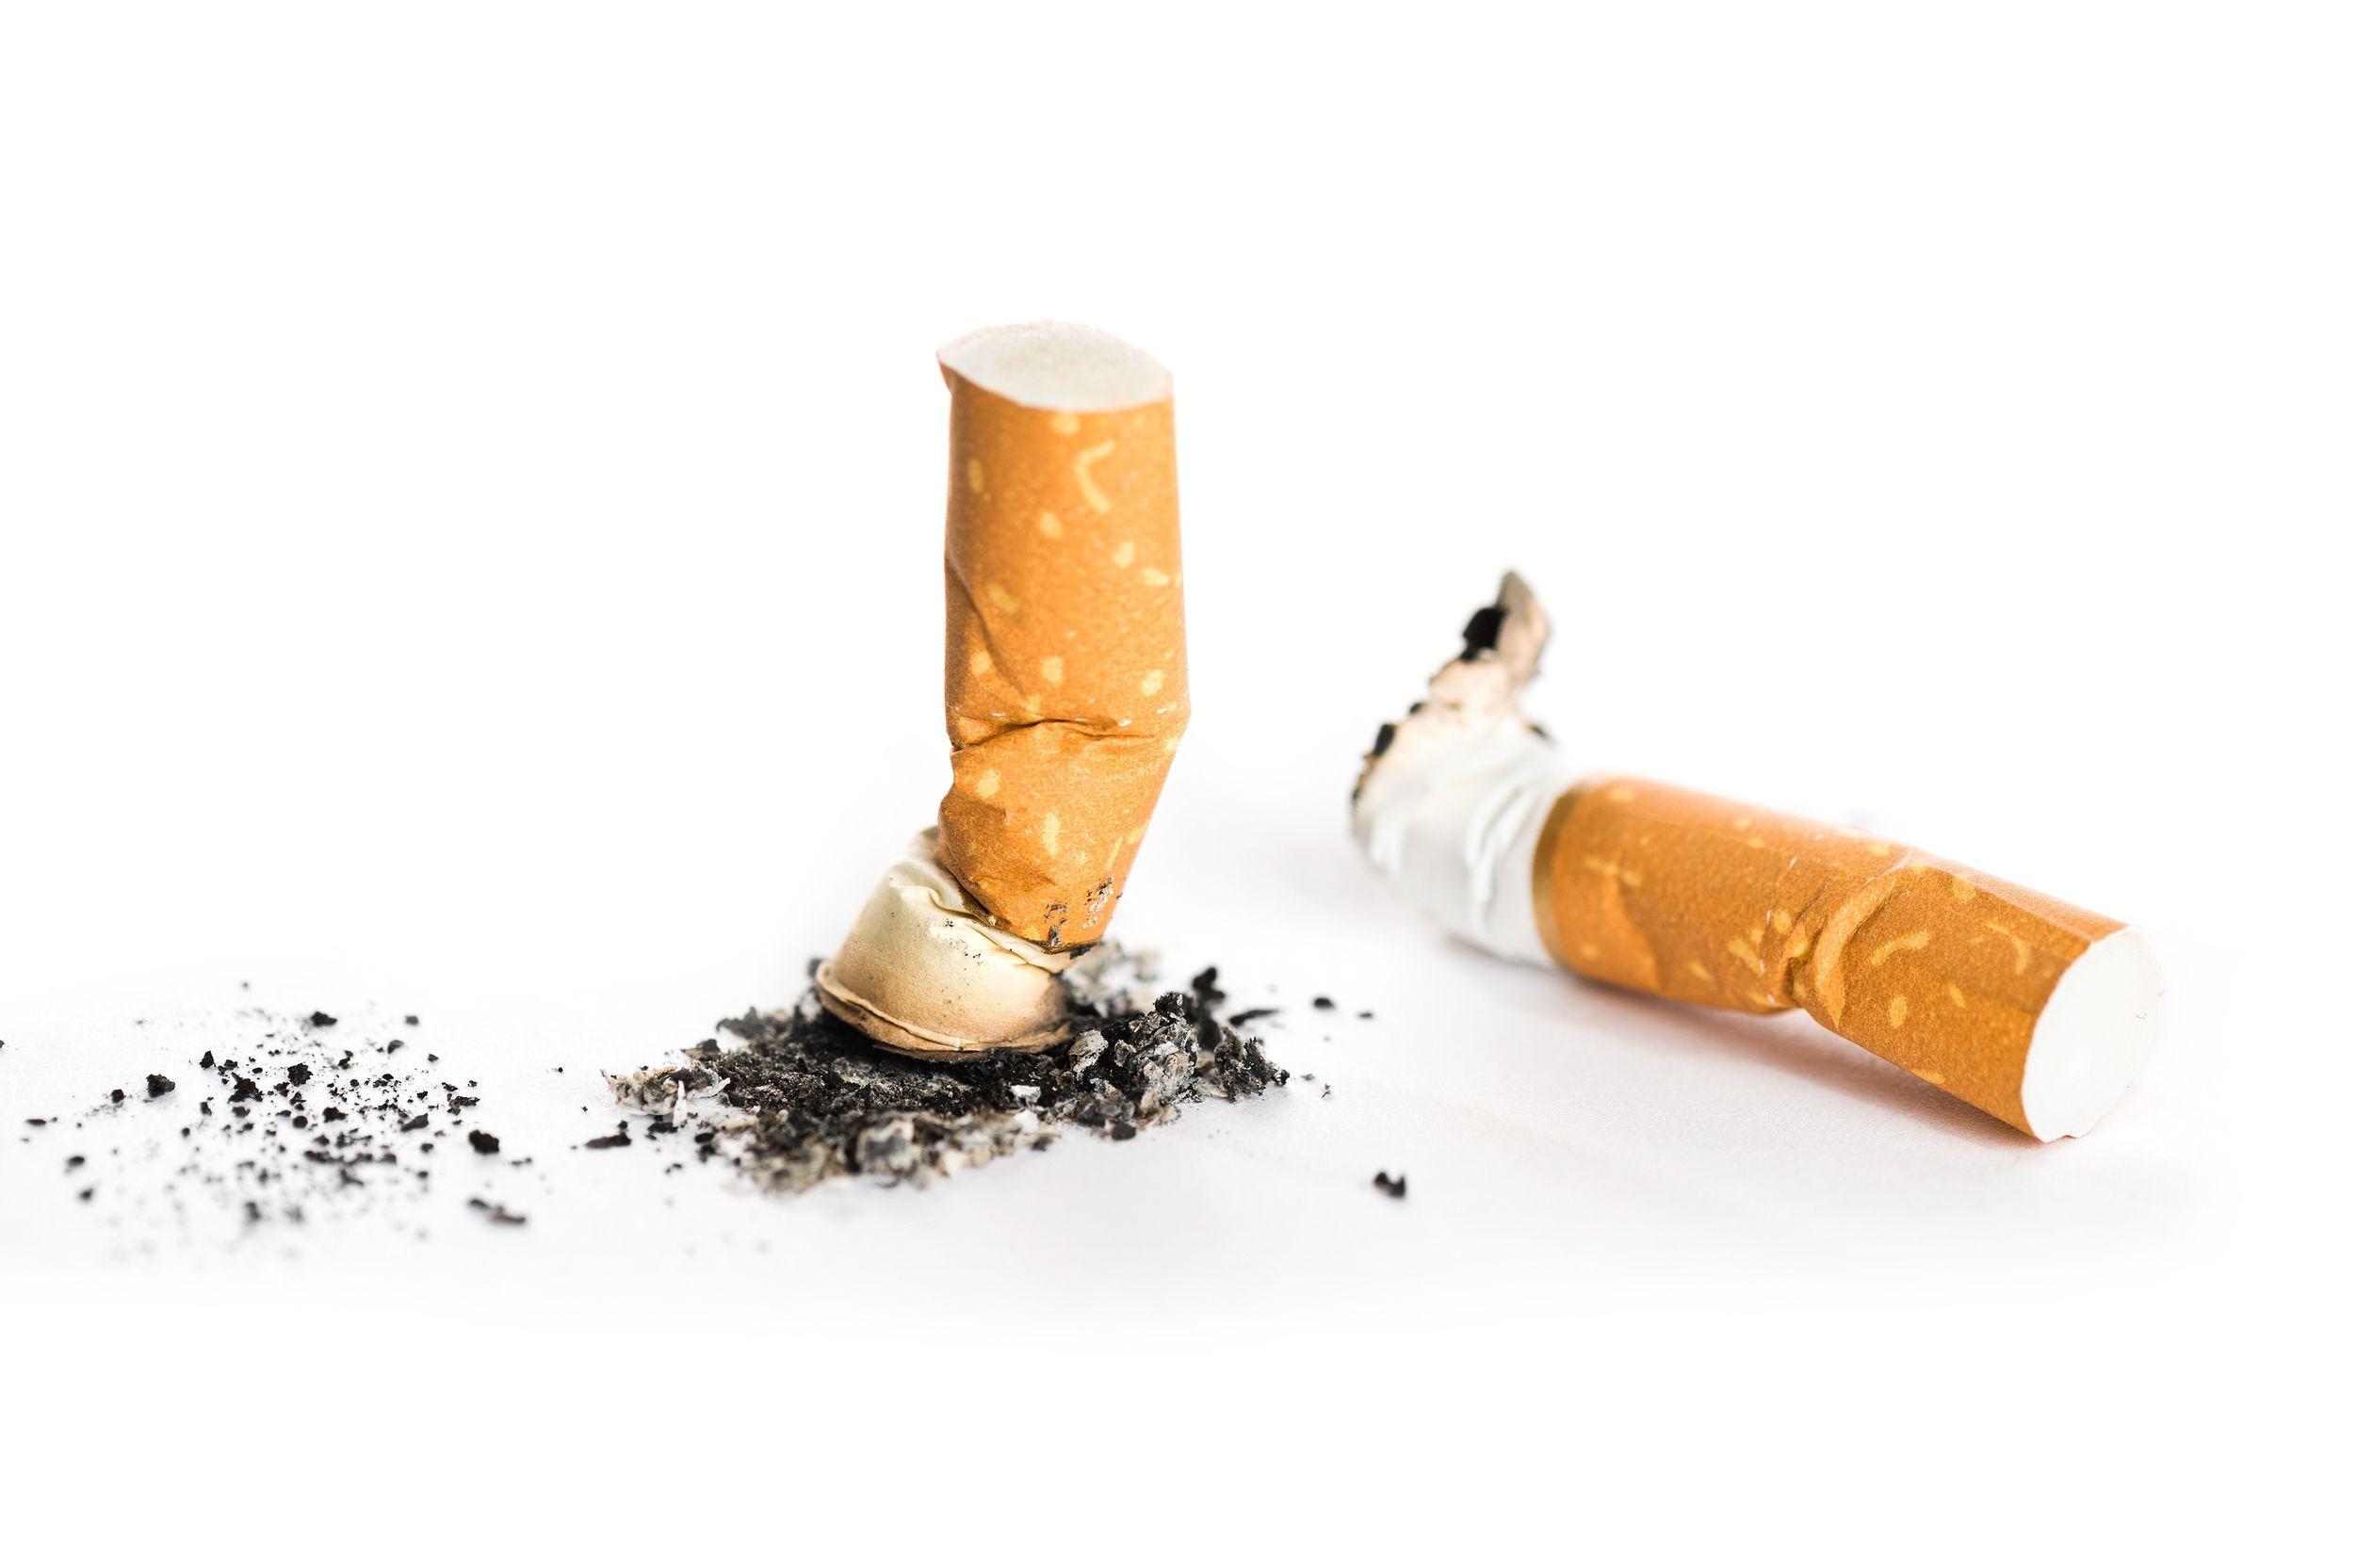 sigarettenpeuk.jpg